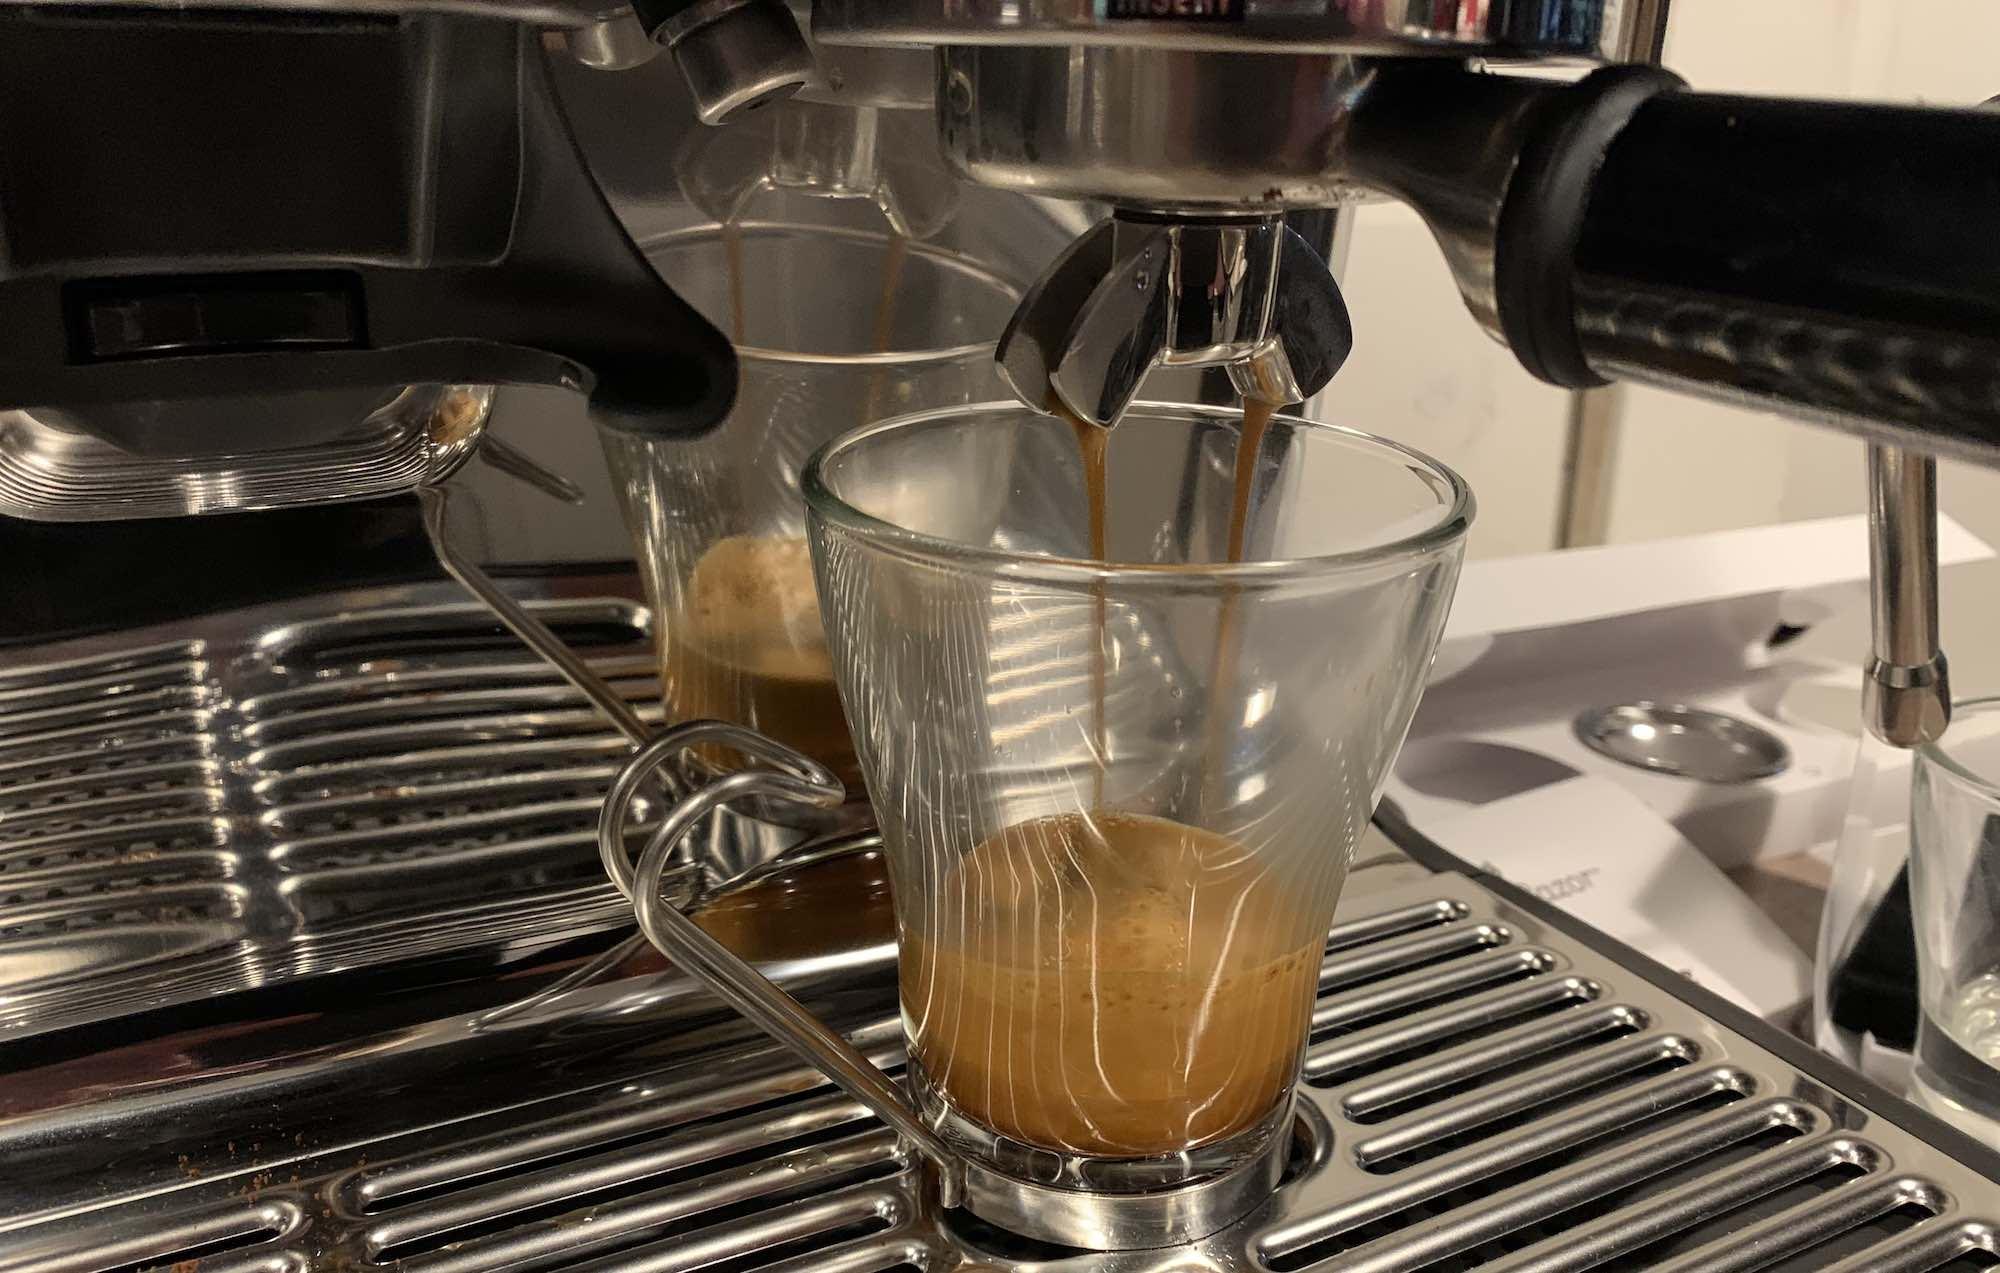 Breville Barista Pro espresso shot